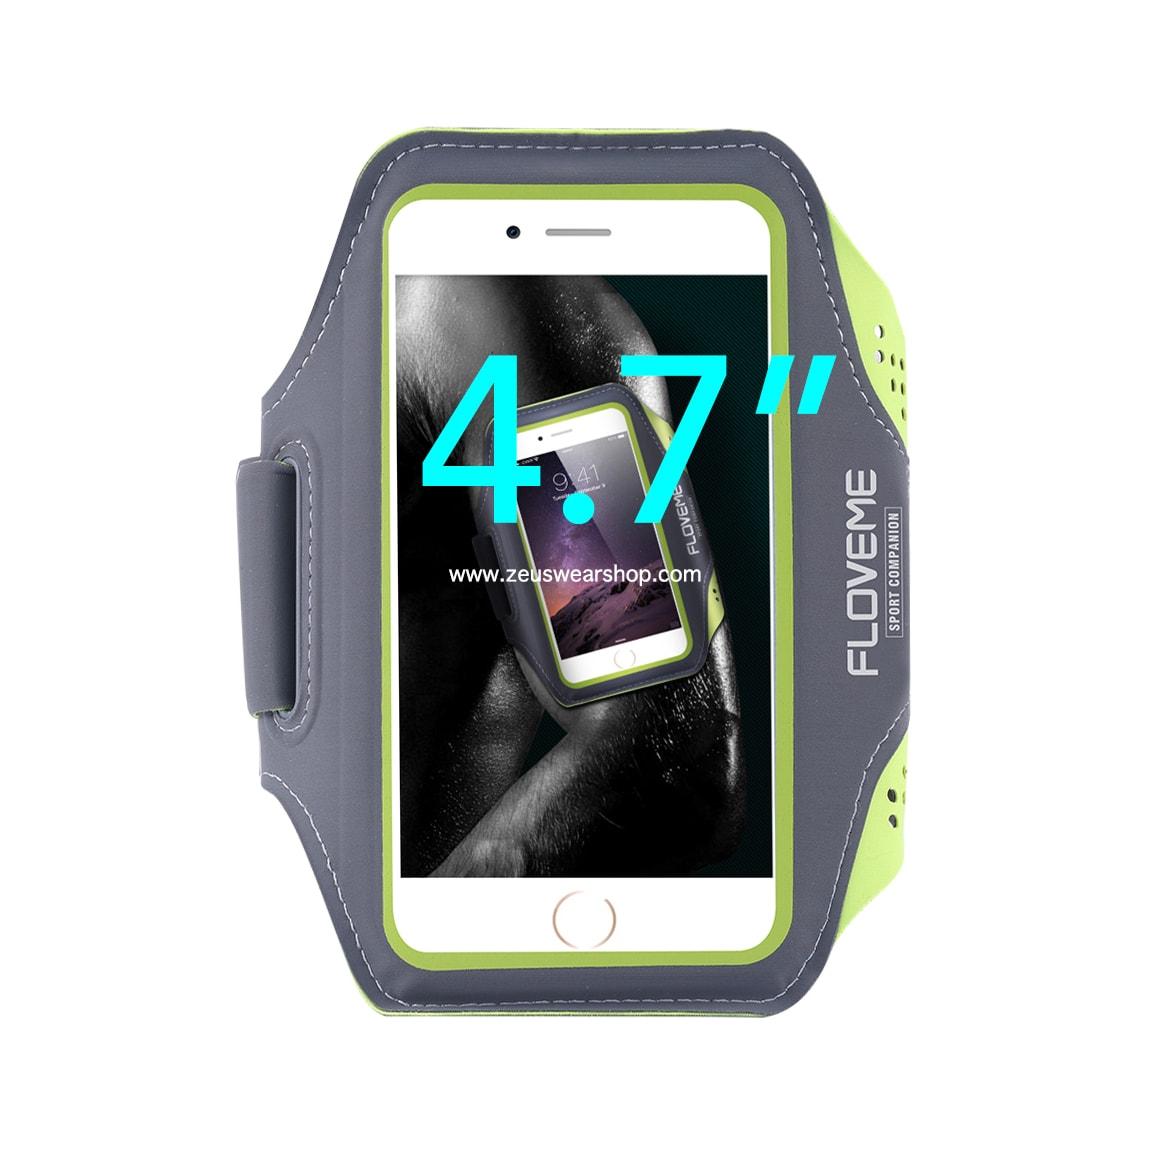 สายรัดแขนวิ่ง สีเขียว Armband ใส่โทรศัพท์หน้าจอ 4.7 นิ้ว